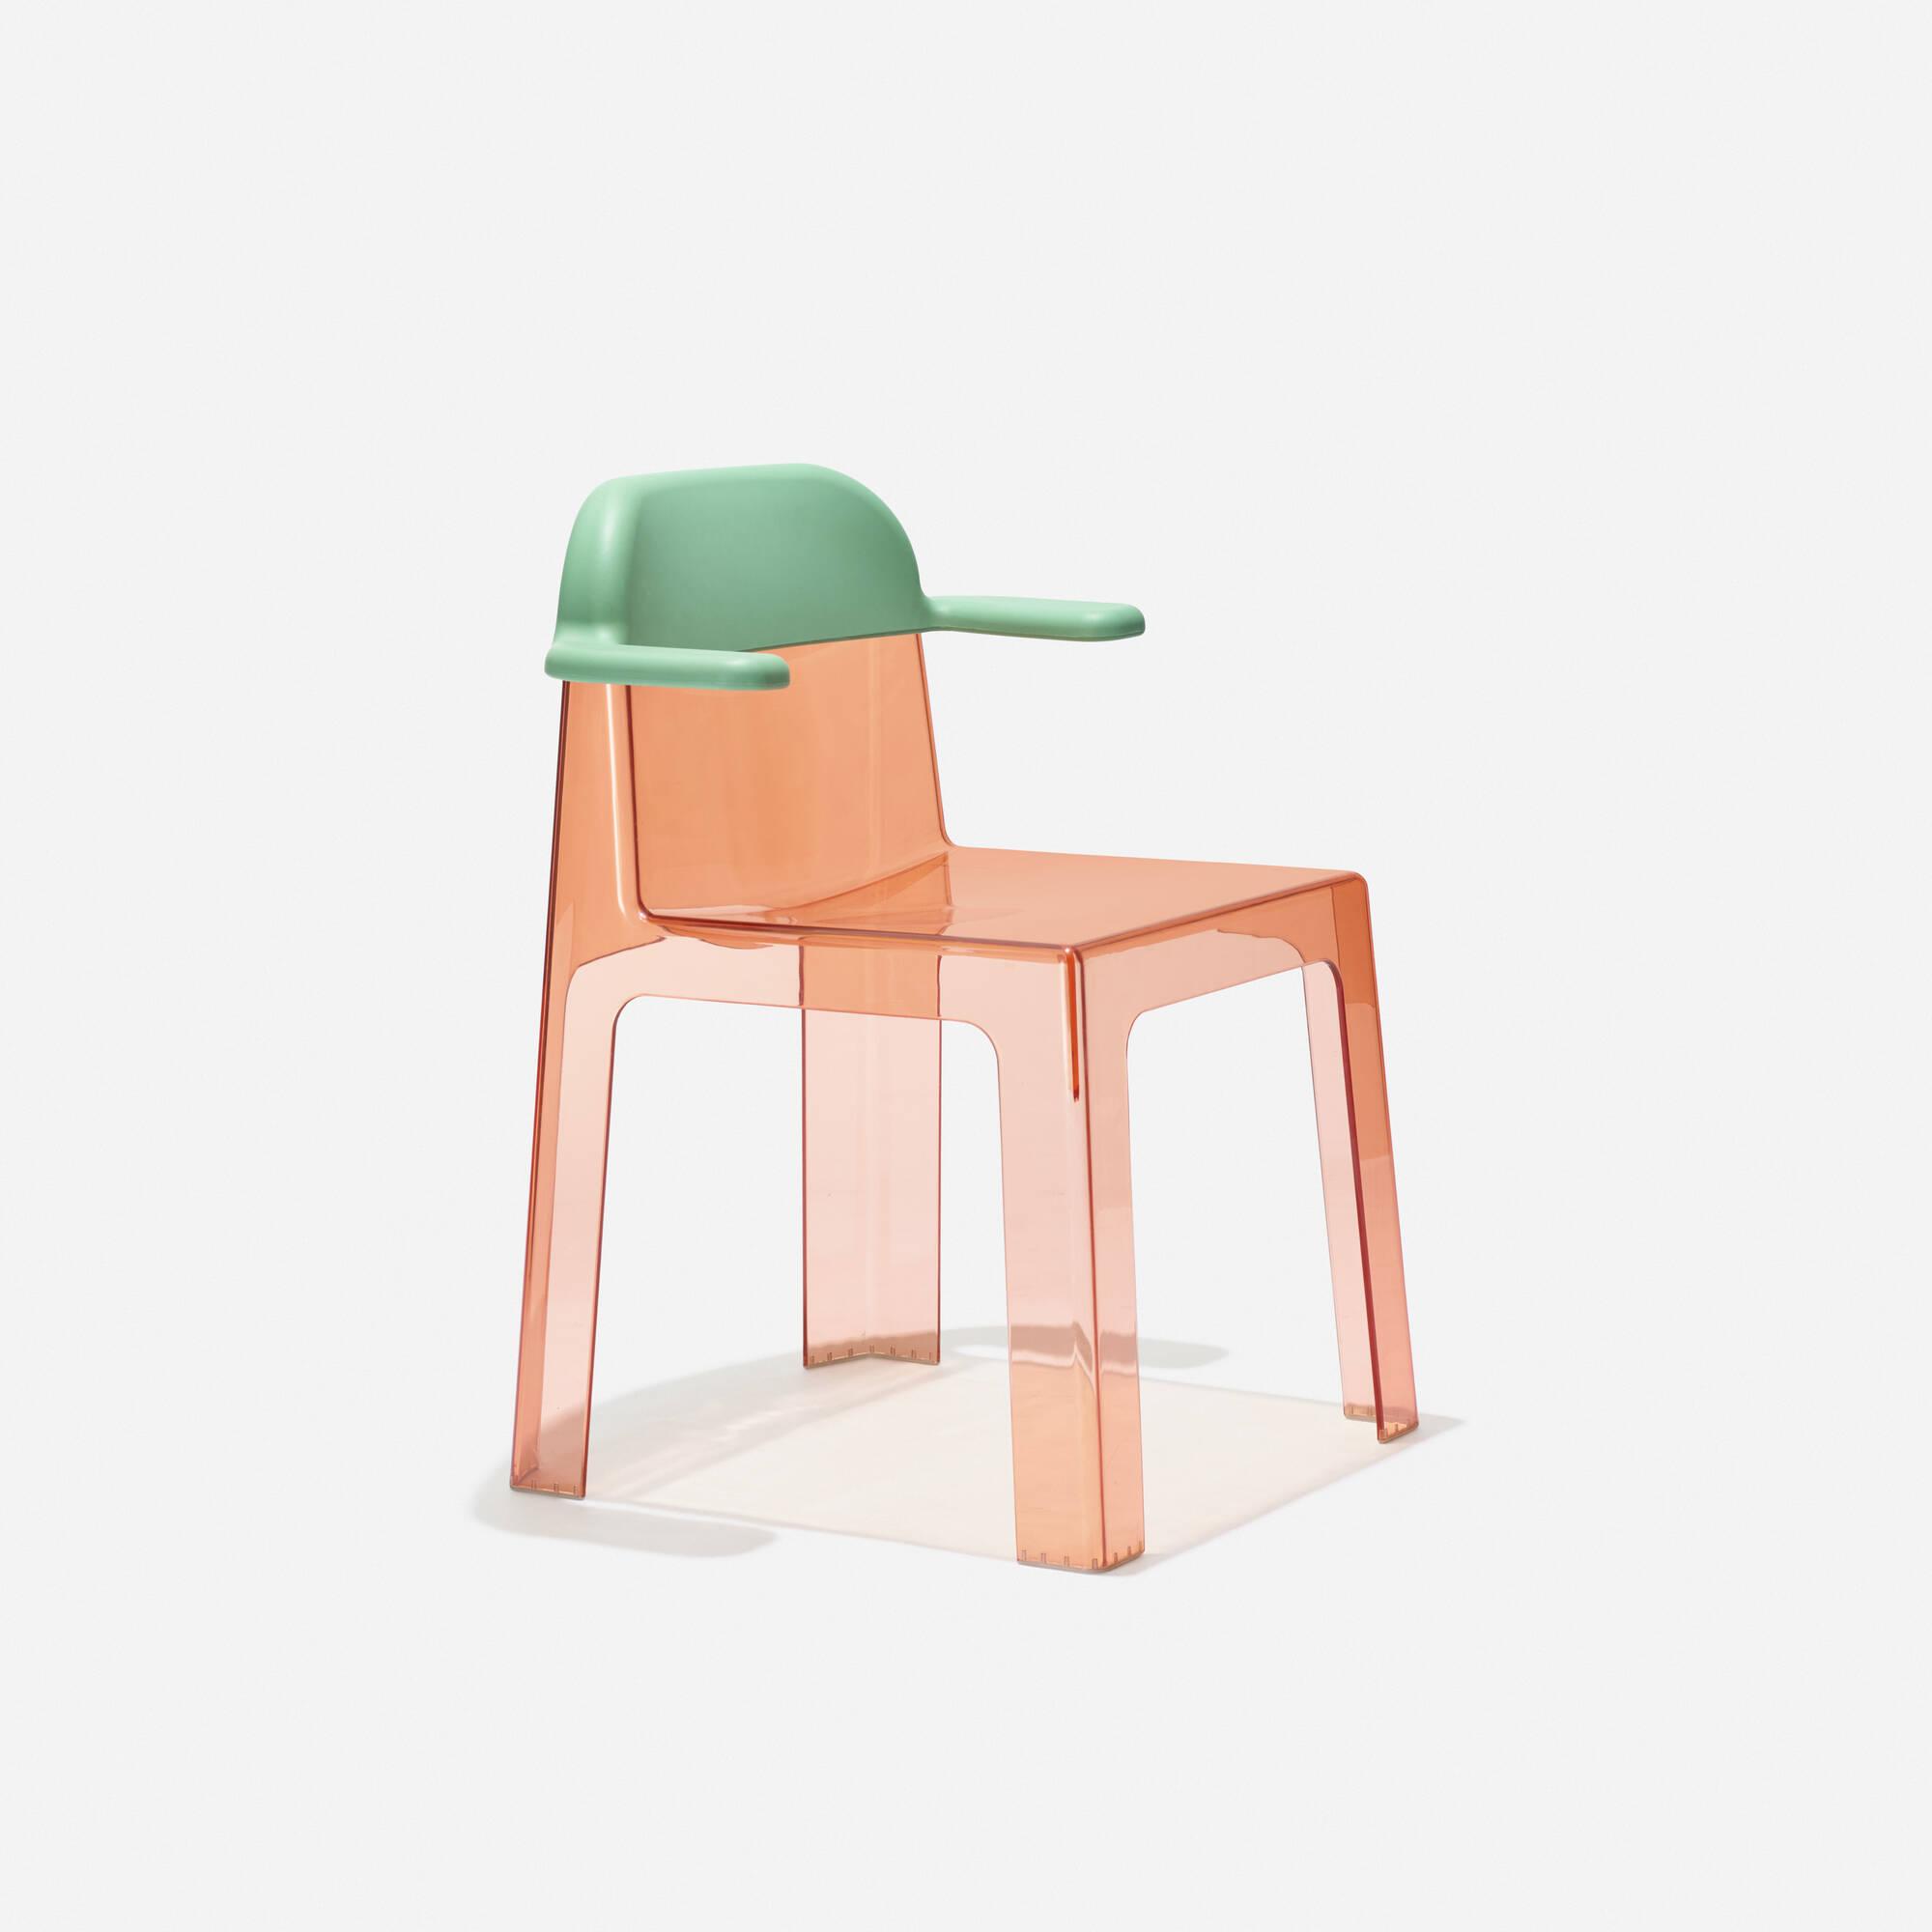 325: Sottsass Associati / Trono chair (1 of 3)